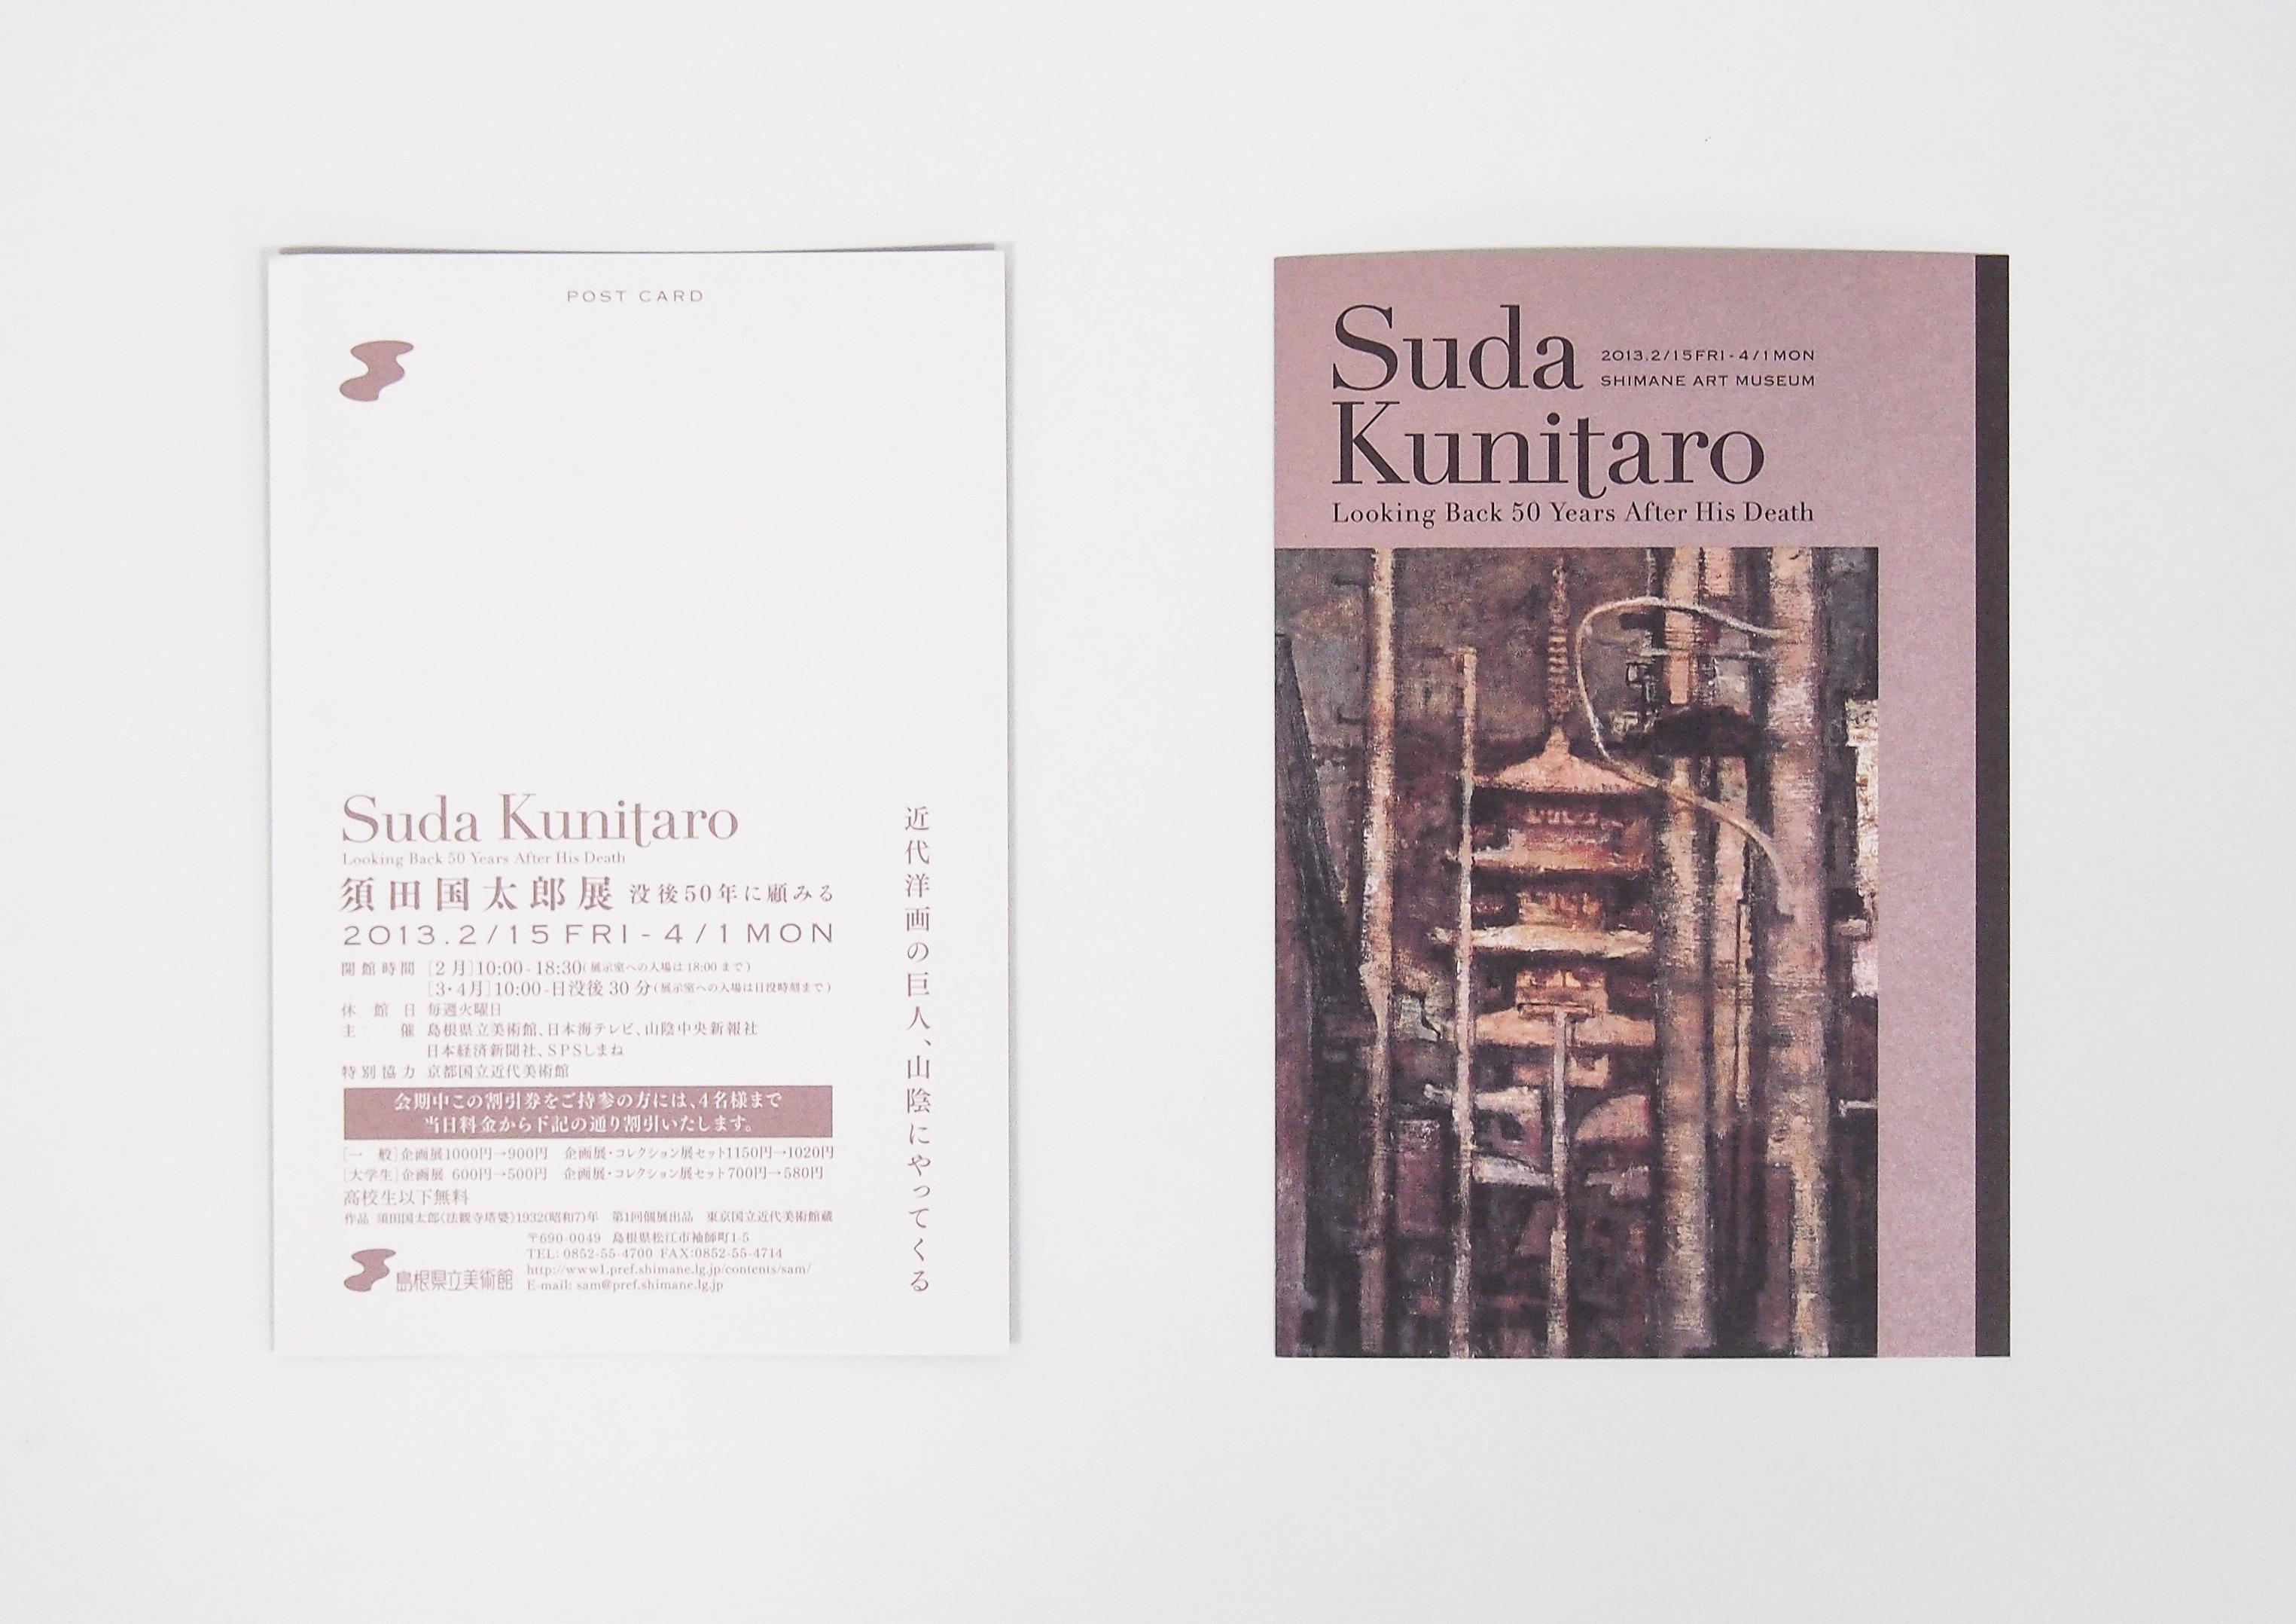 須田国太郎展 DM(1)